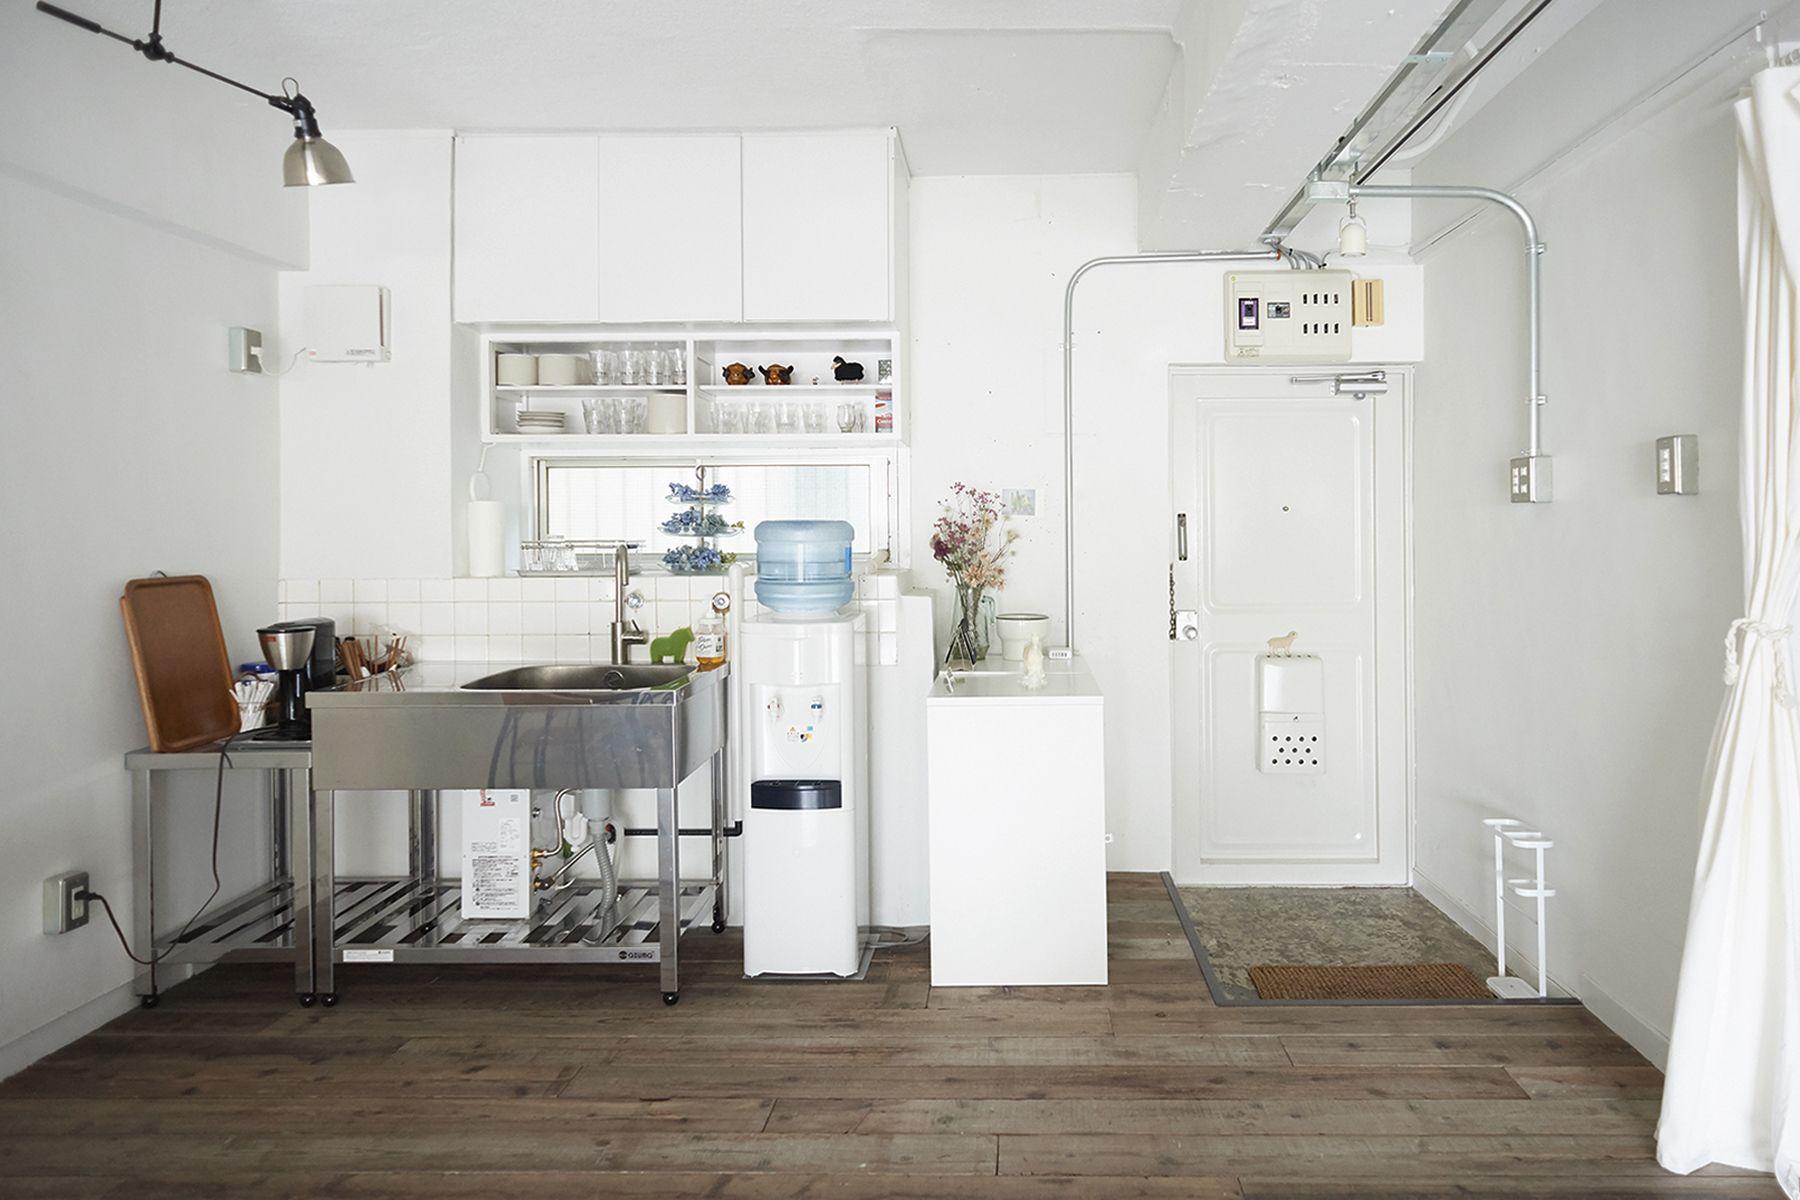 studio imelo(スタジオ イメロ)キッチンは足場板